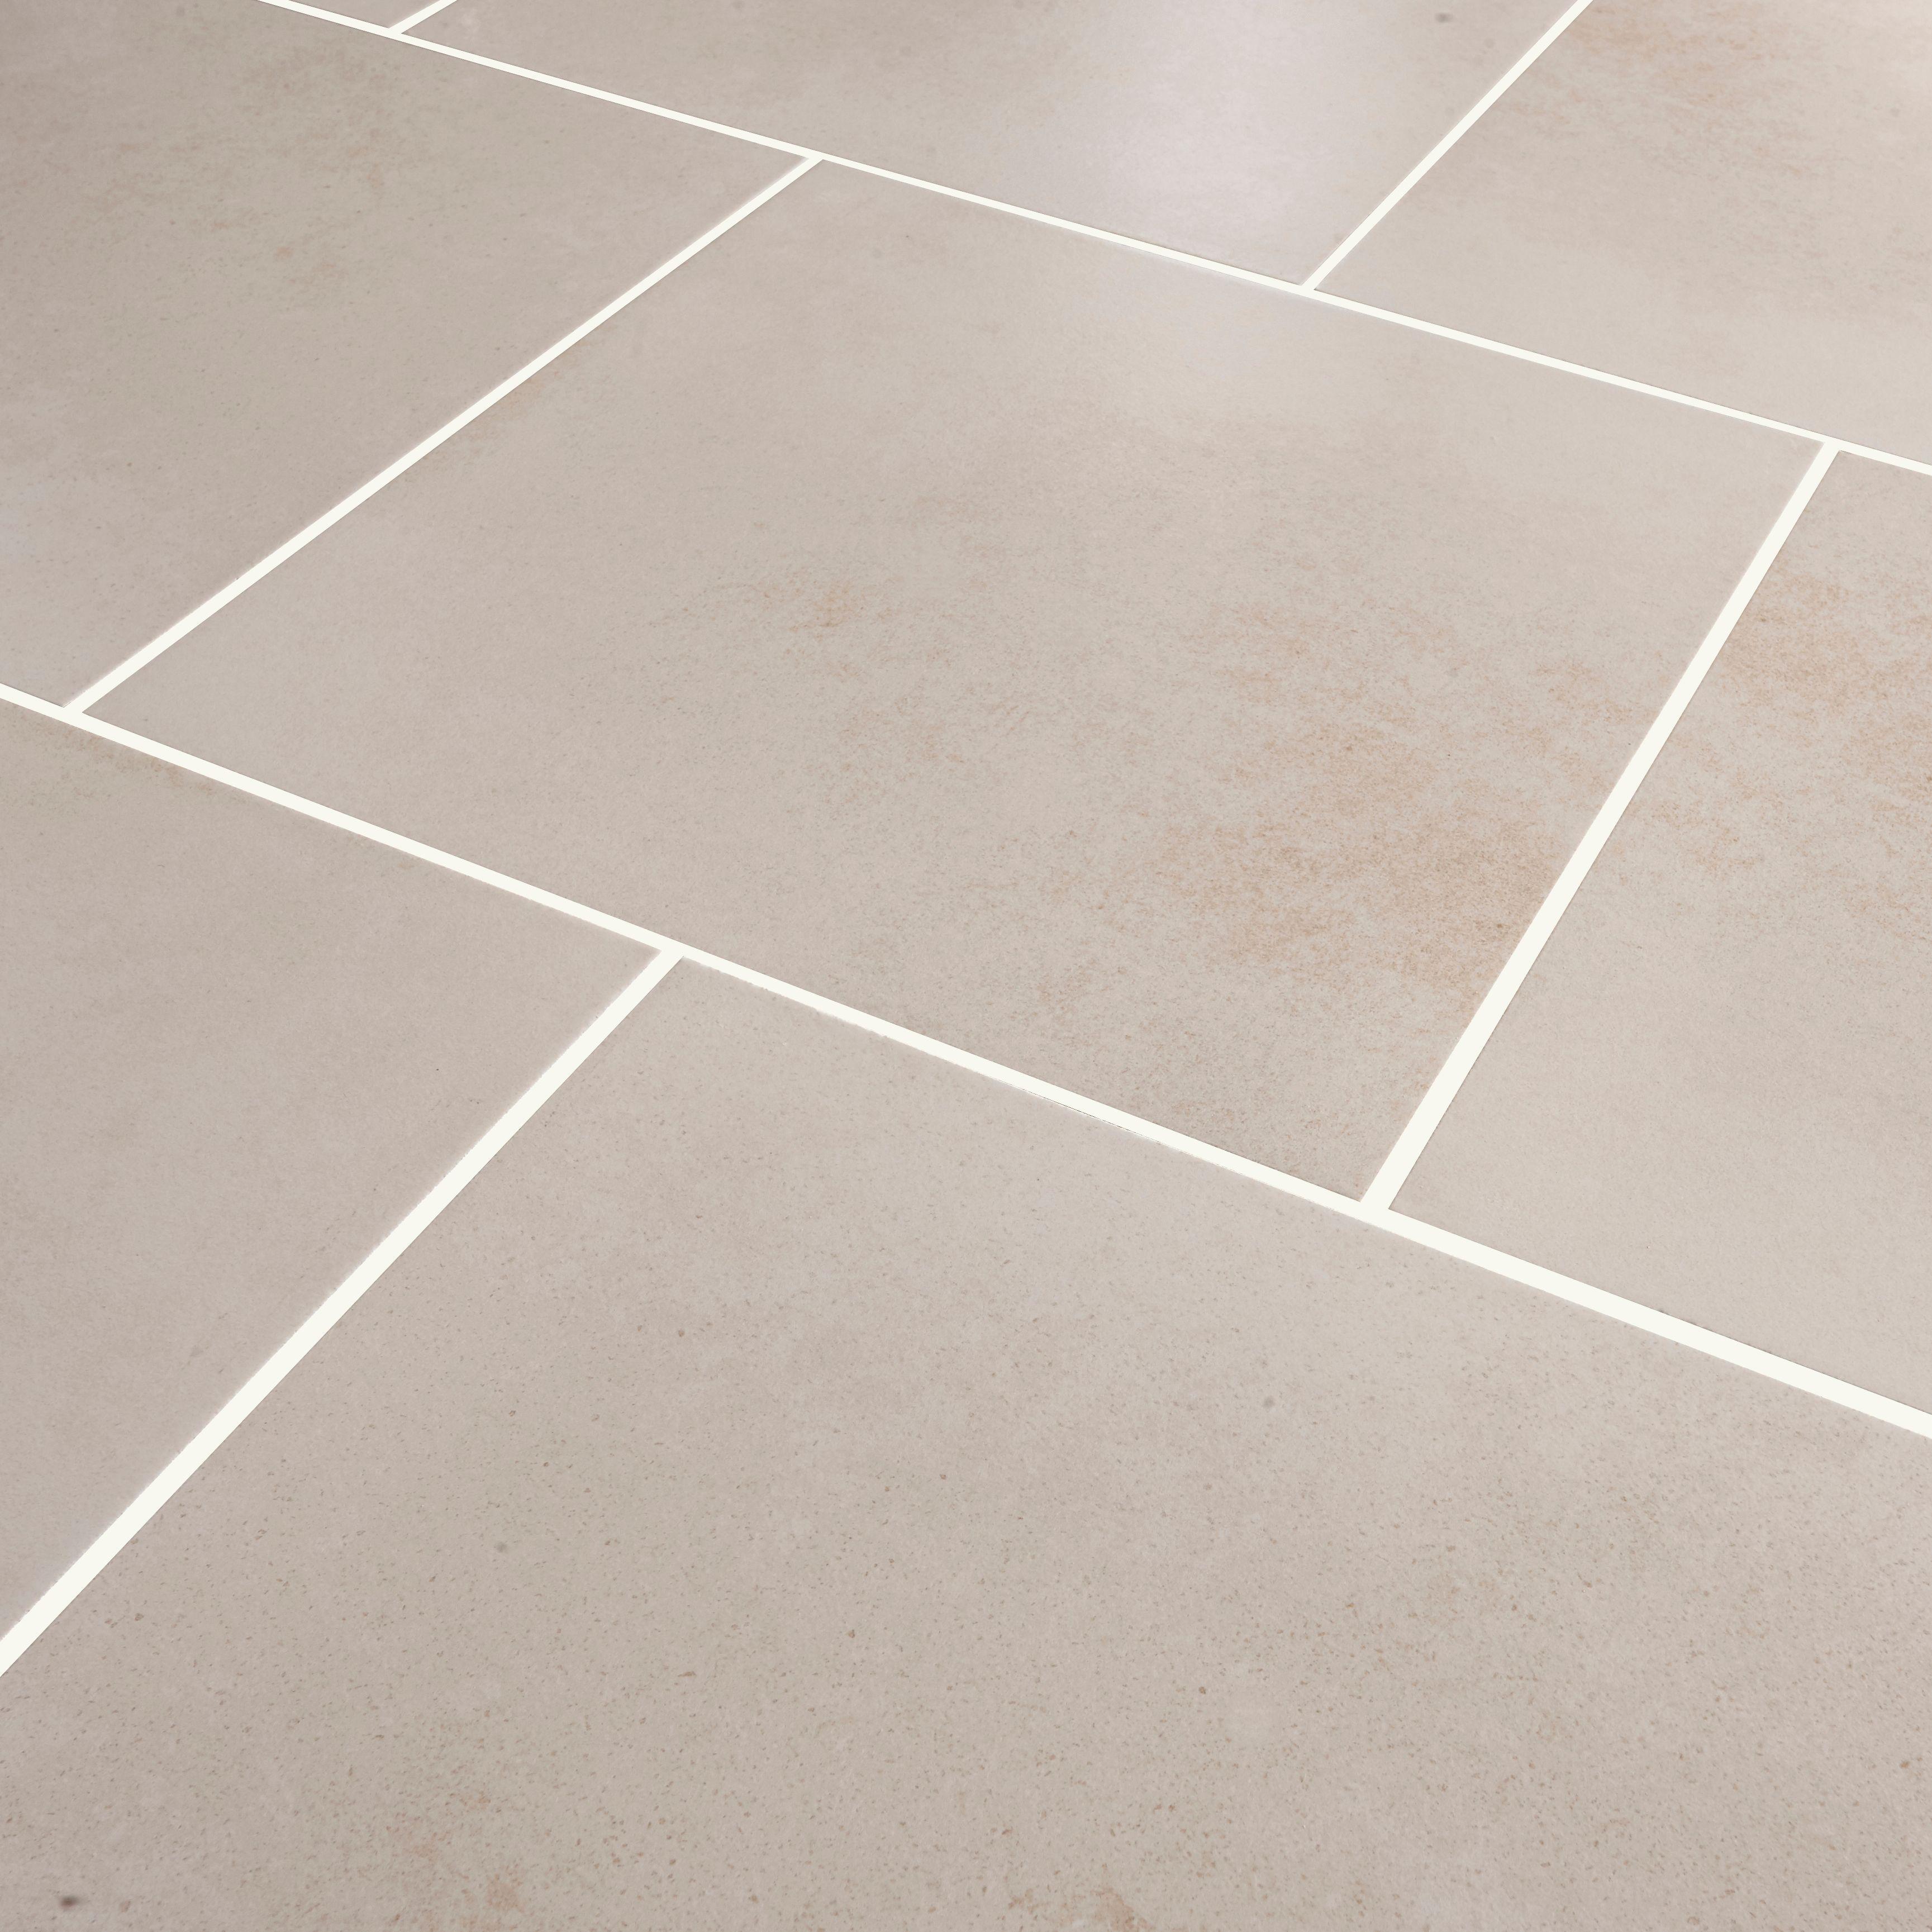 Konkrete Ivory Concrete effect Modern Porcelain Floor tile,